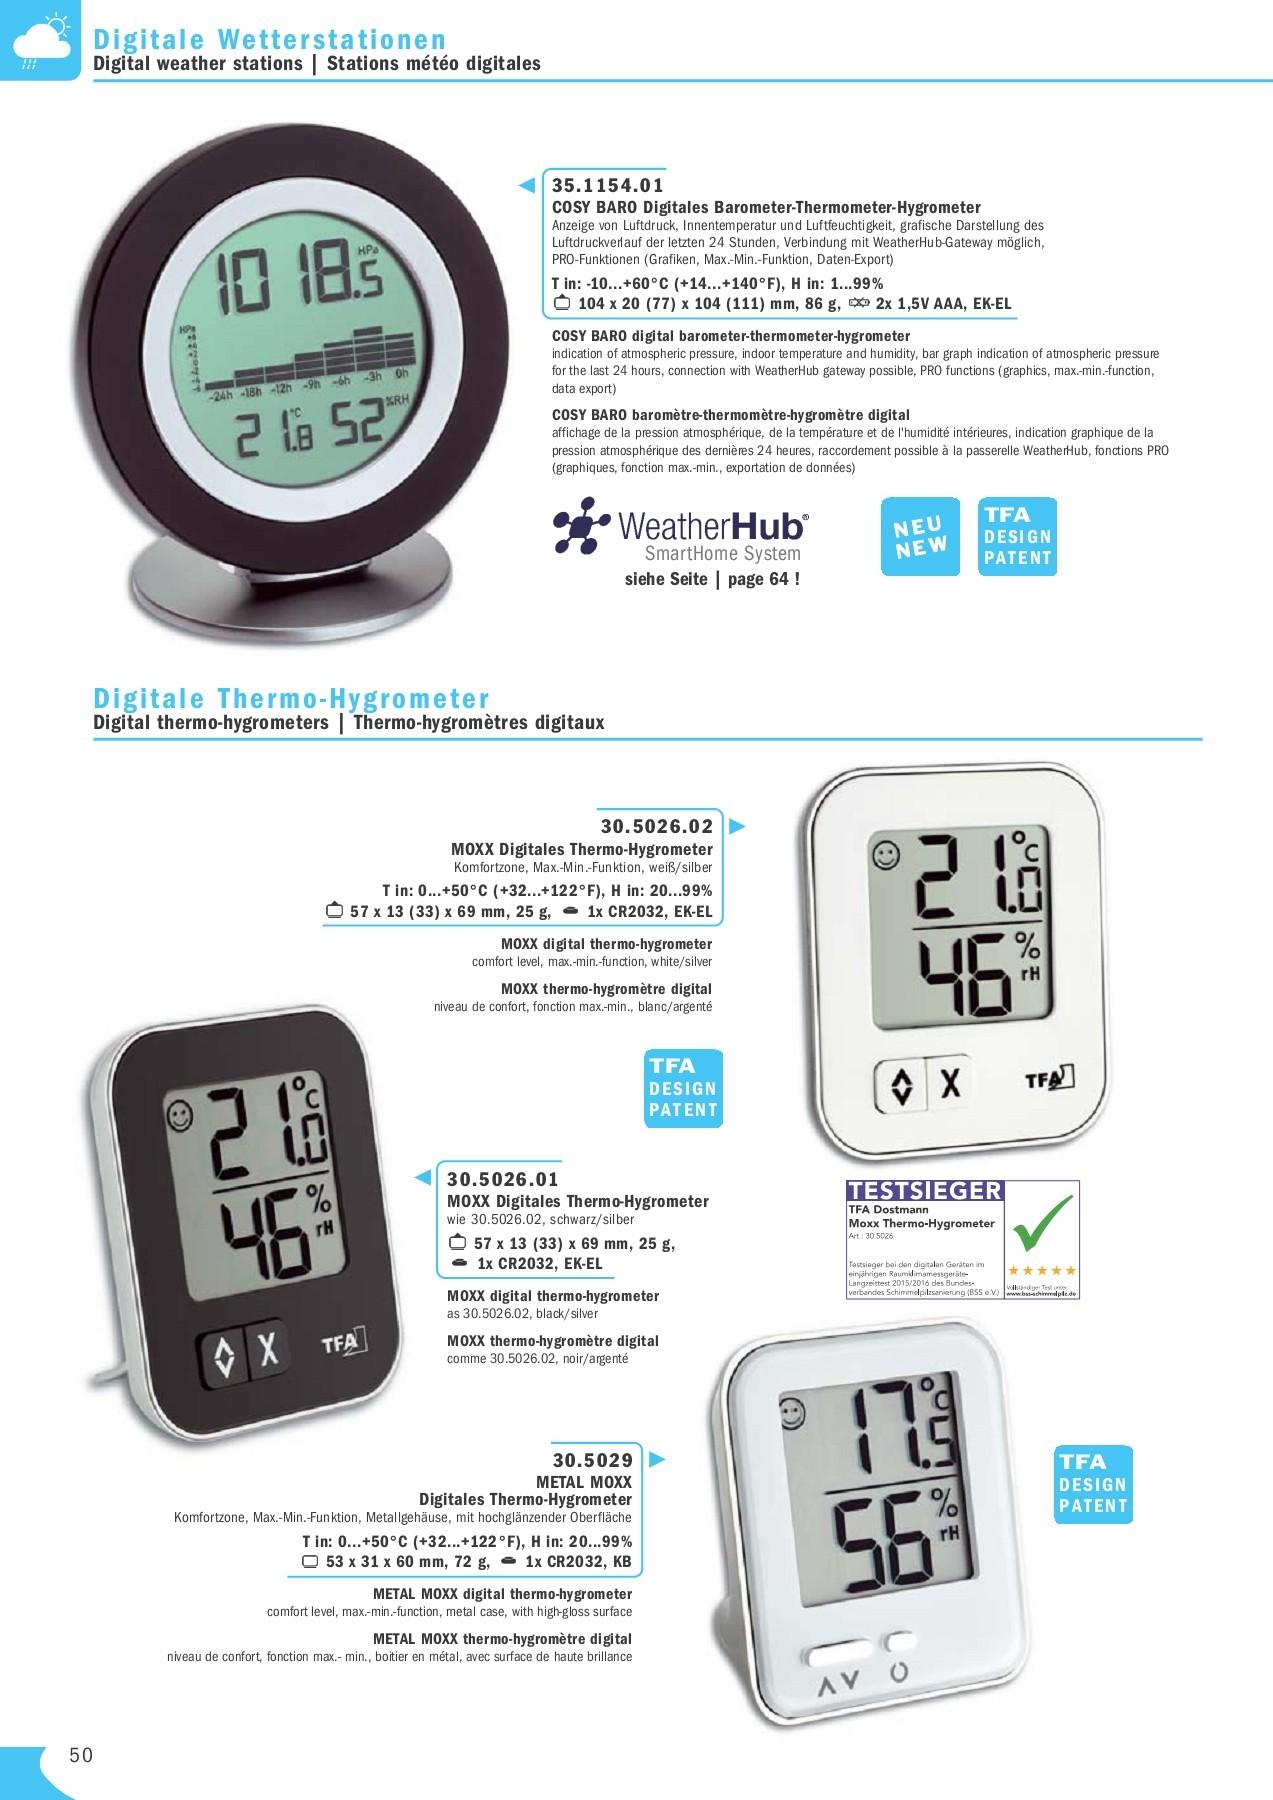 TFA Dostmann 30.5038 Thermom/ètre num/érique hygrom/ètre climat int/érieur de contr/ôle silber mit Batterie